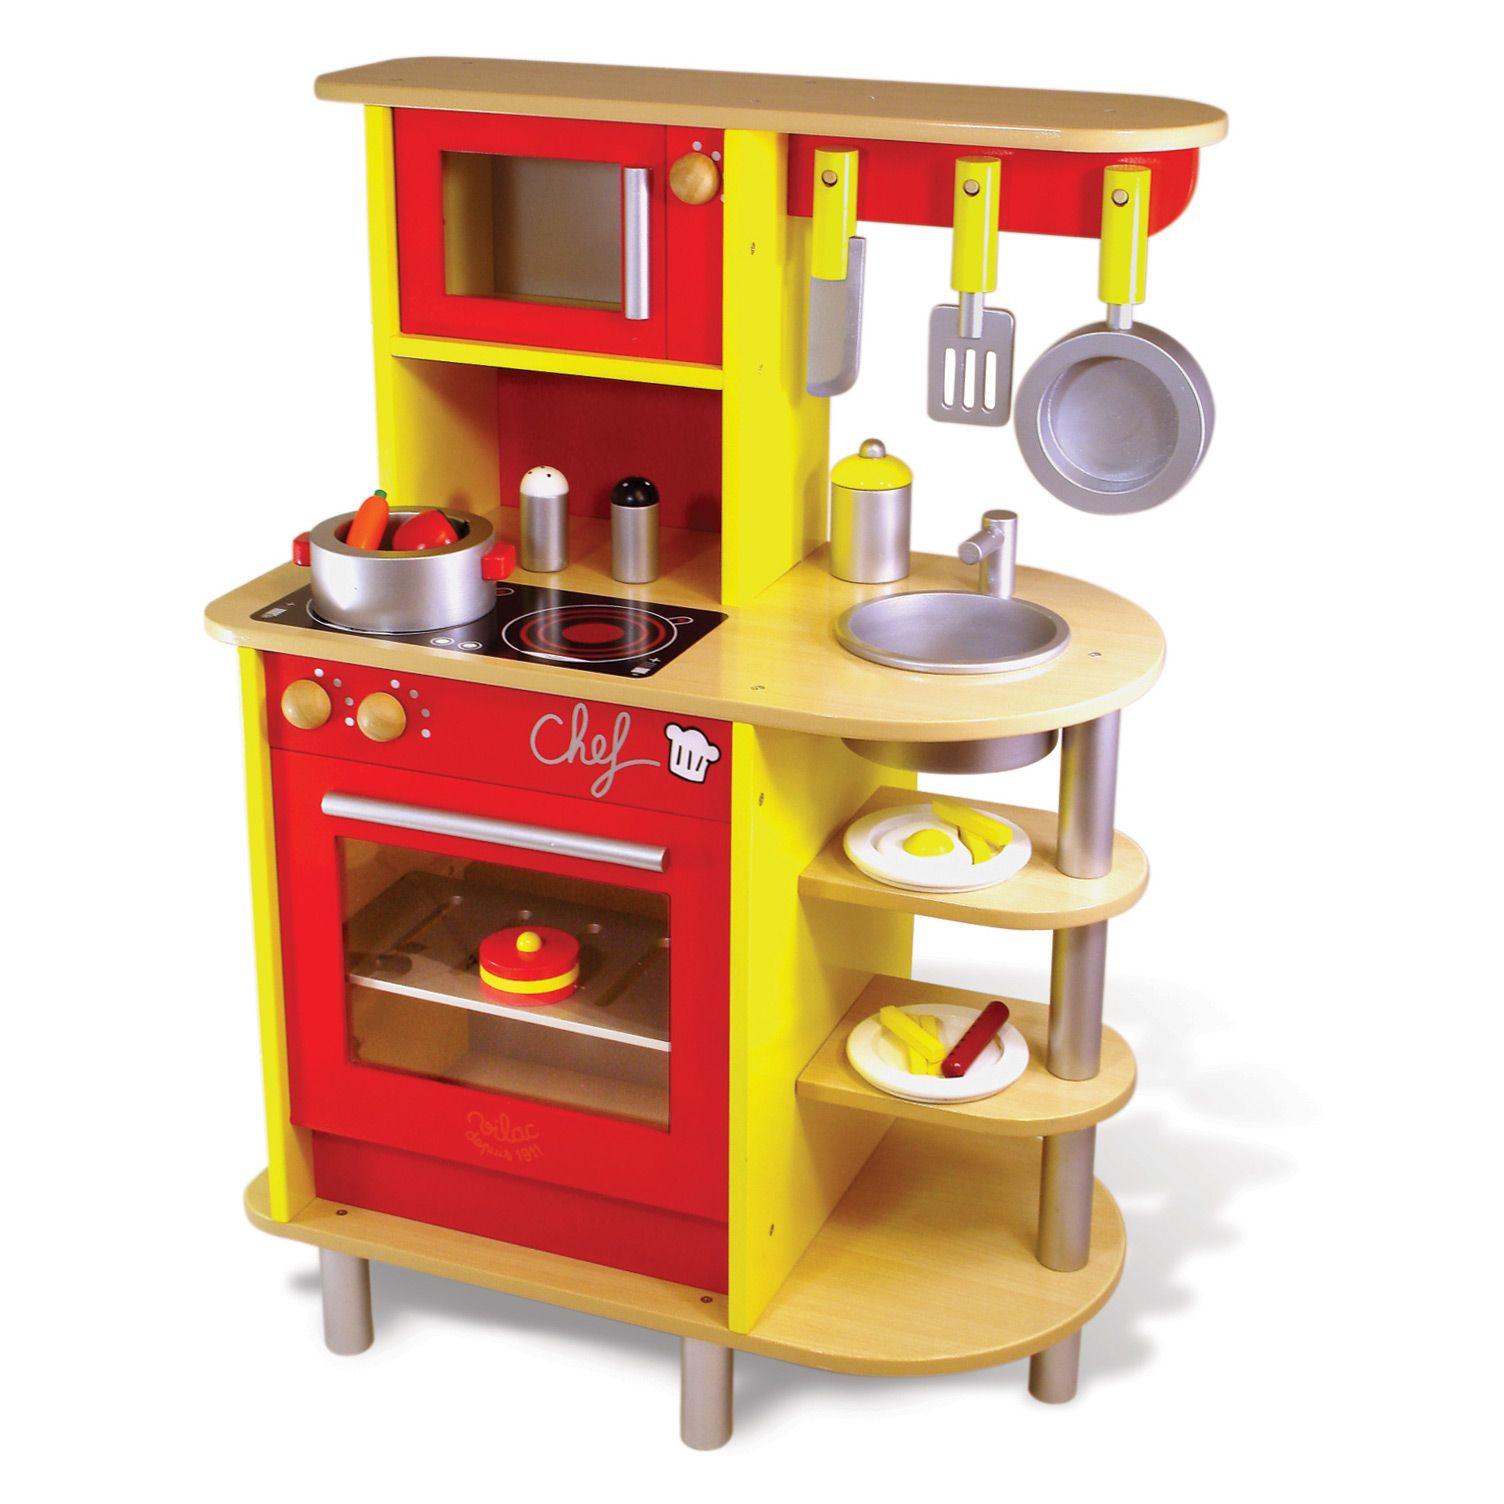 Cuisine pour Enfants de Jeux Petit Chef Cuisine pour Enfants Jouet Kiosque Jouer